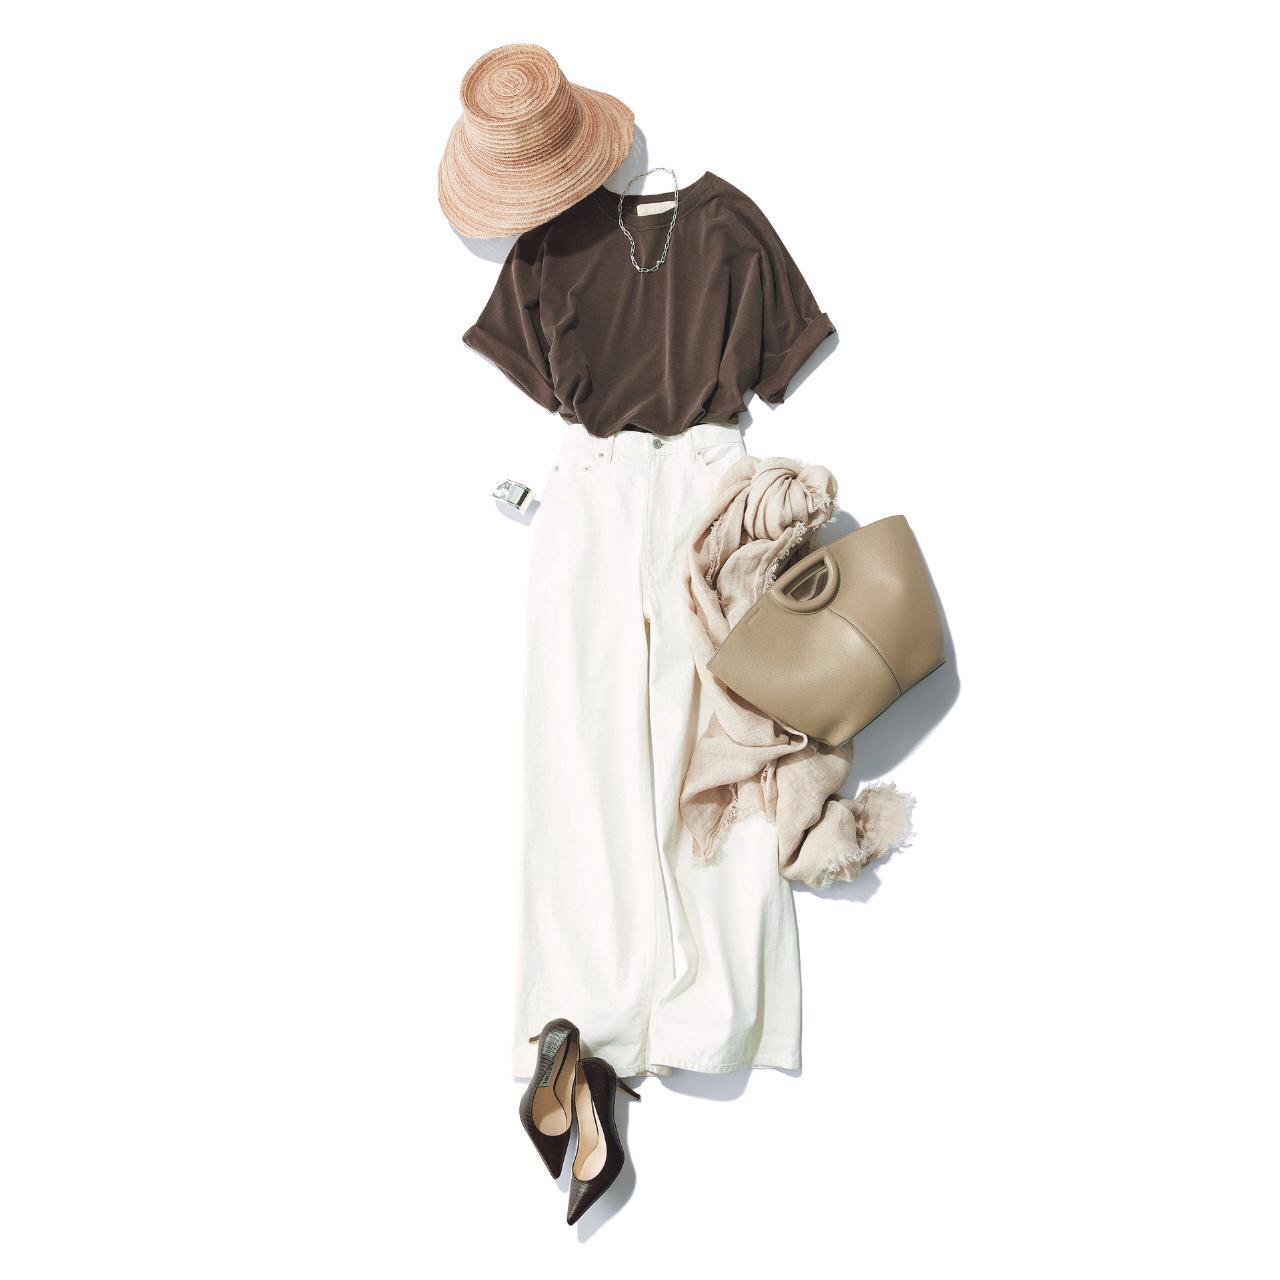 「ストール」でアラフォーの夏コーデをブラッシュアップ! 冷房対策にもおしゃれにも効くストールの取り入れ方  40代ファッション_1_2